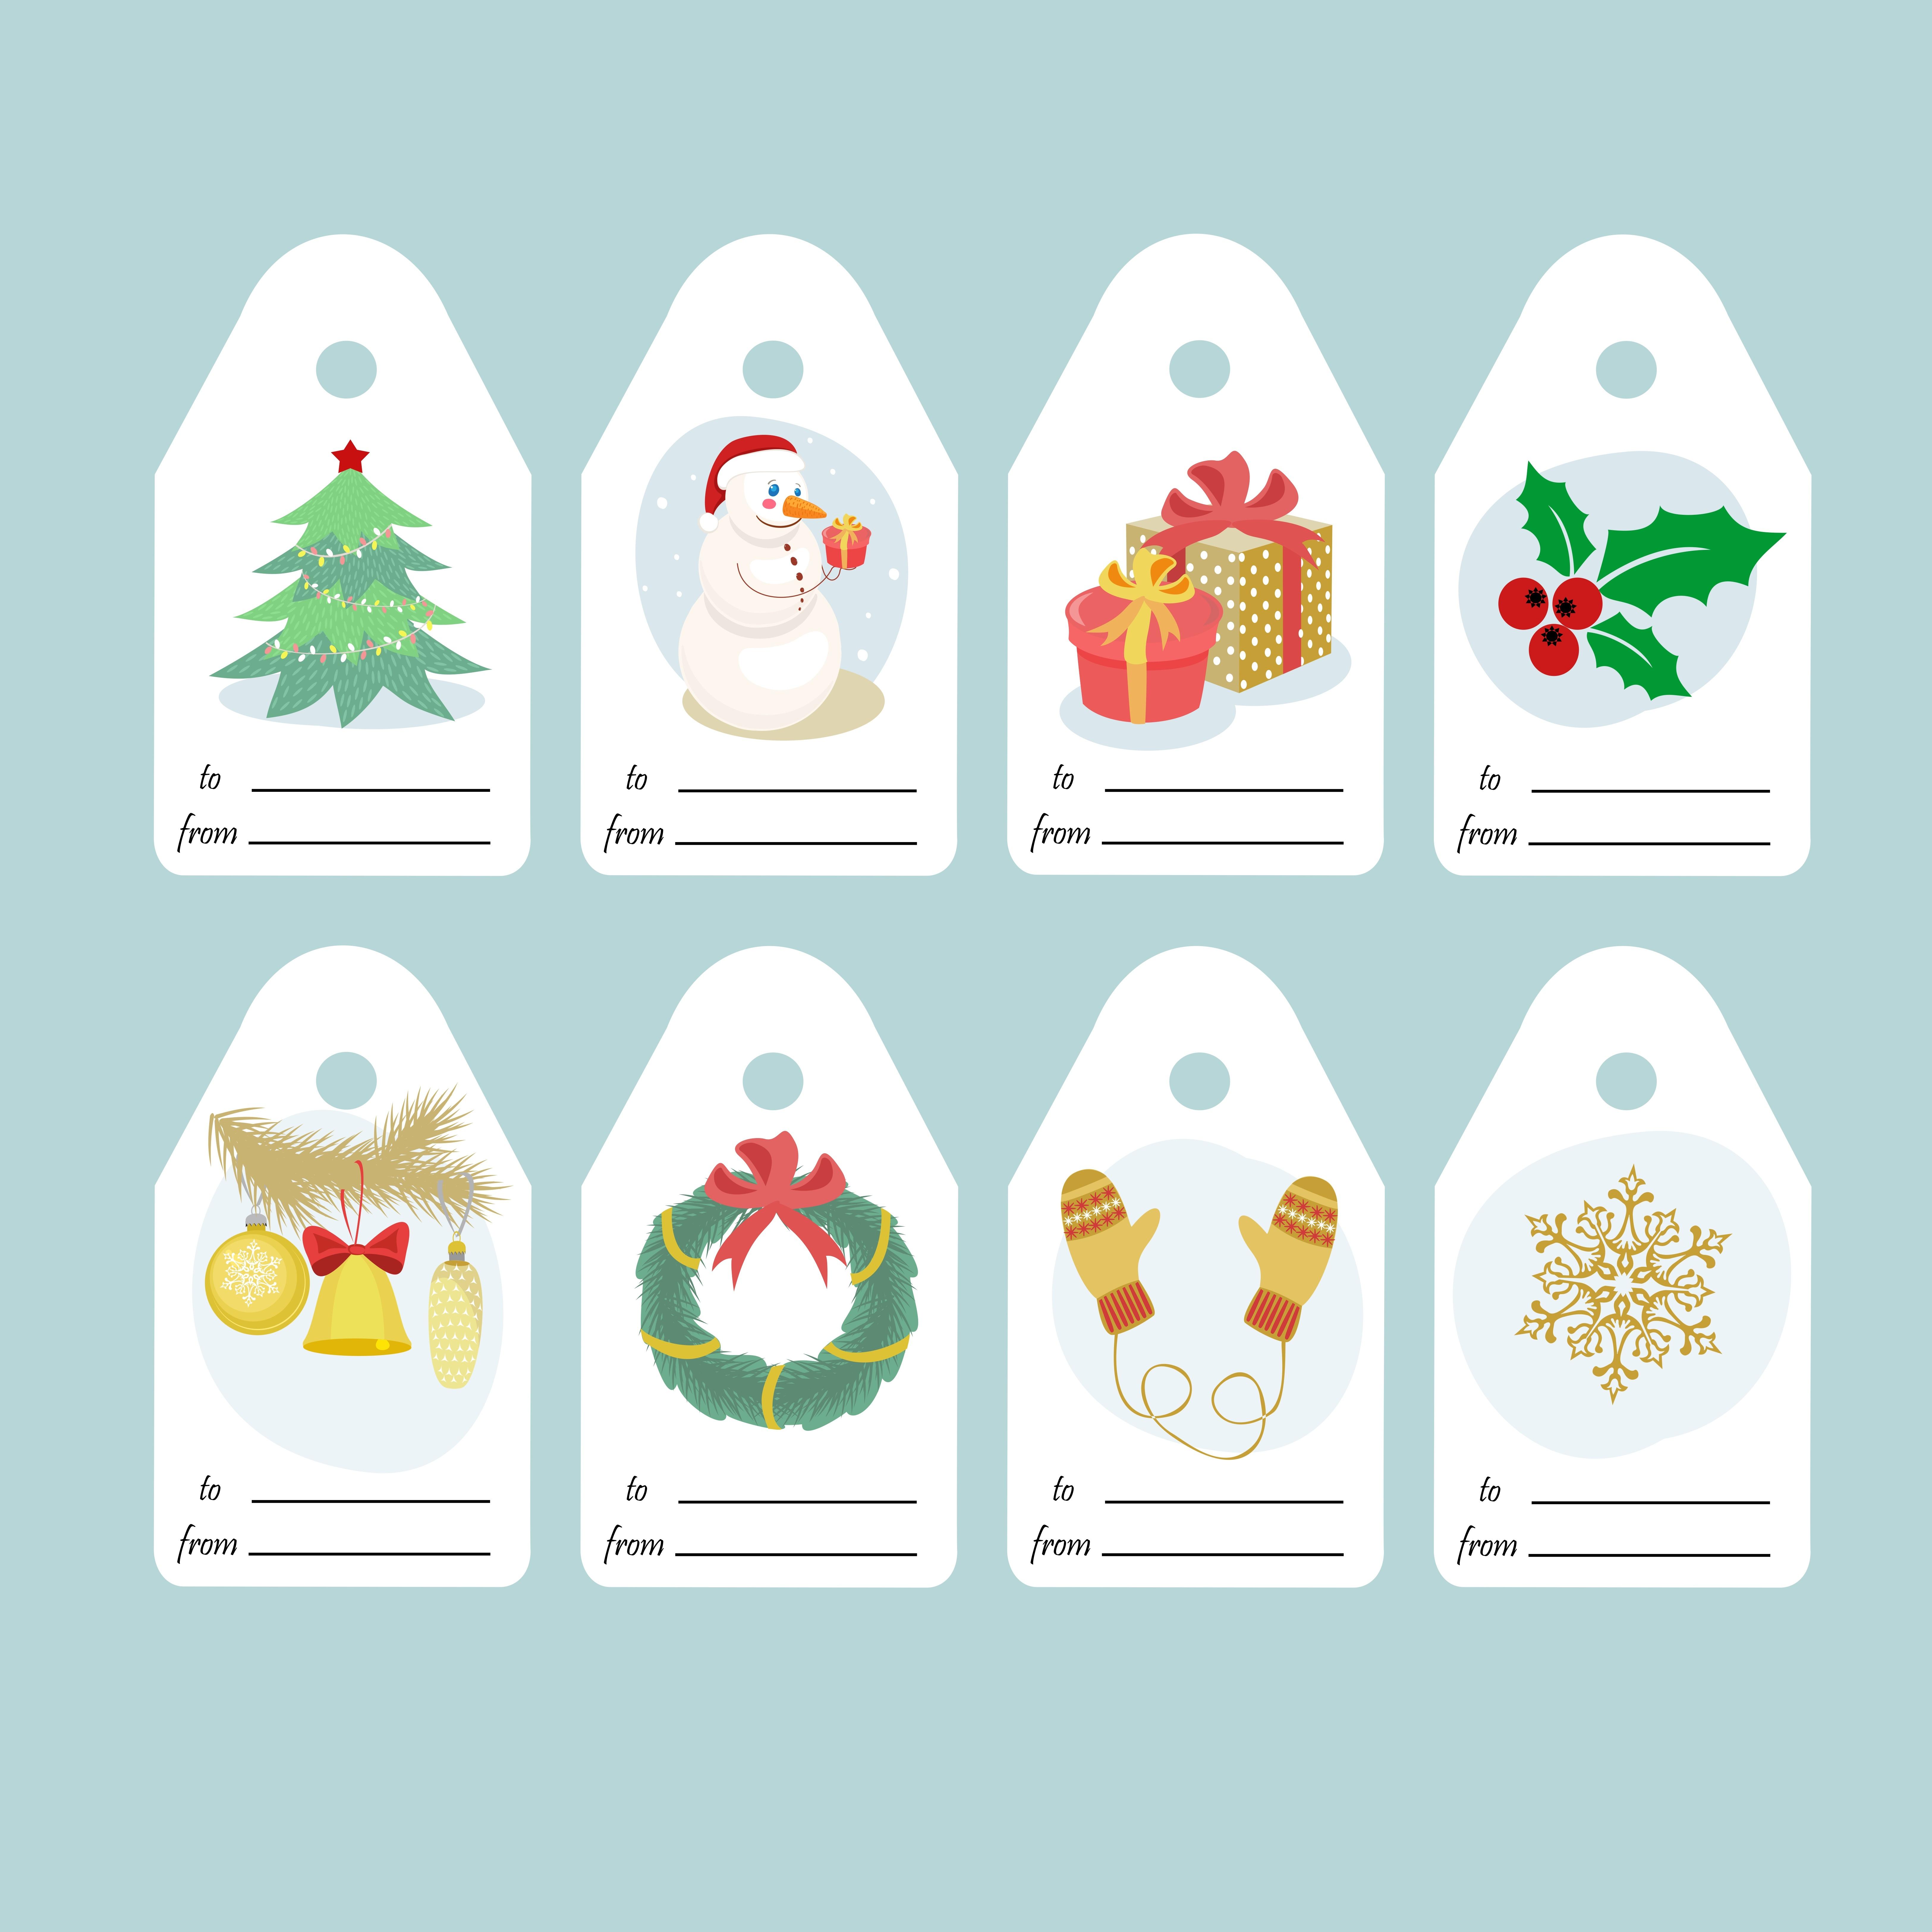 Etiquettes Cadeau De Noël À Imprimer - Un Max D'idées destiné Etiquette Noel A Imprimer